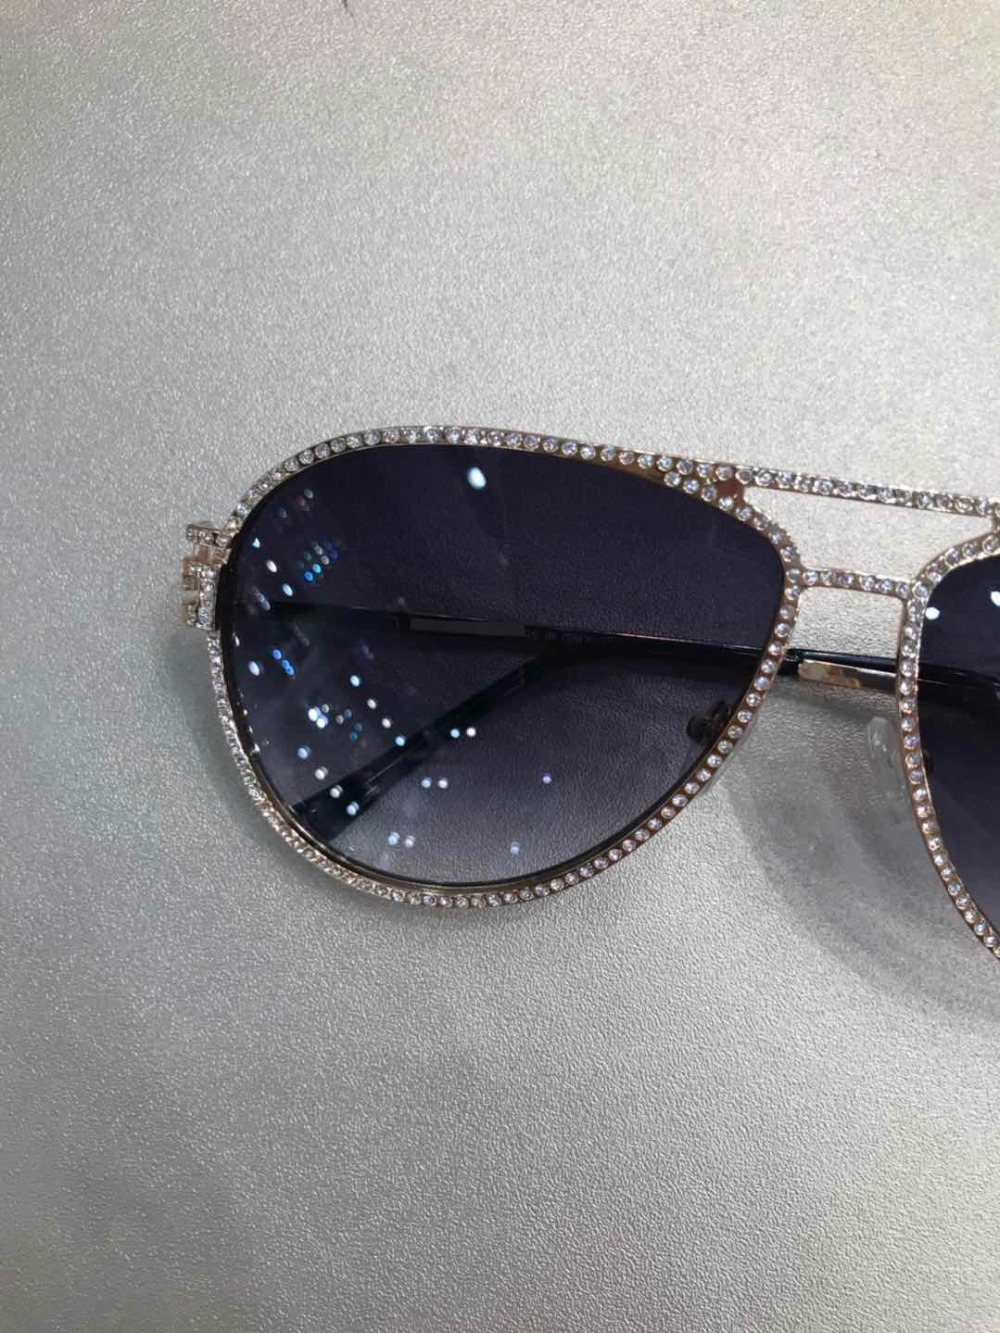 Runway Designer Sonnenbrille Marke Carter Luxus Für Frauen schwarzes 2018 Gelb Gläser Y0739 T5Xqx